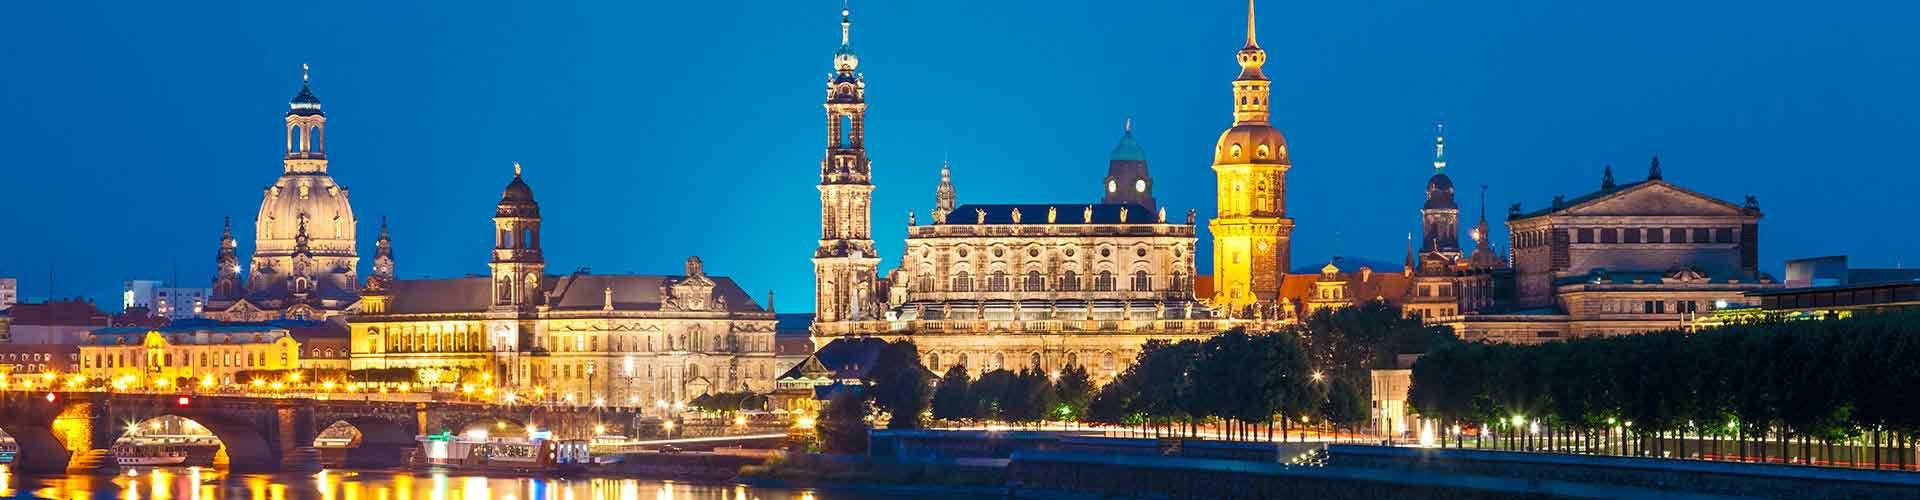 Drážďany - Hostelů v Drážďany. Mapy pro Drážďany, fotky a recenze pro každý hostel v Drážďany.